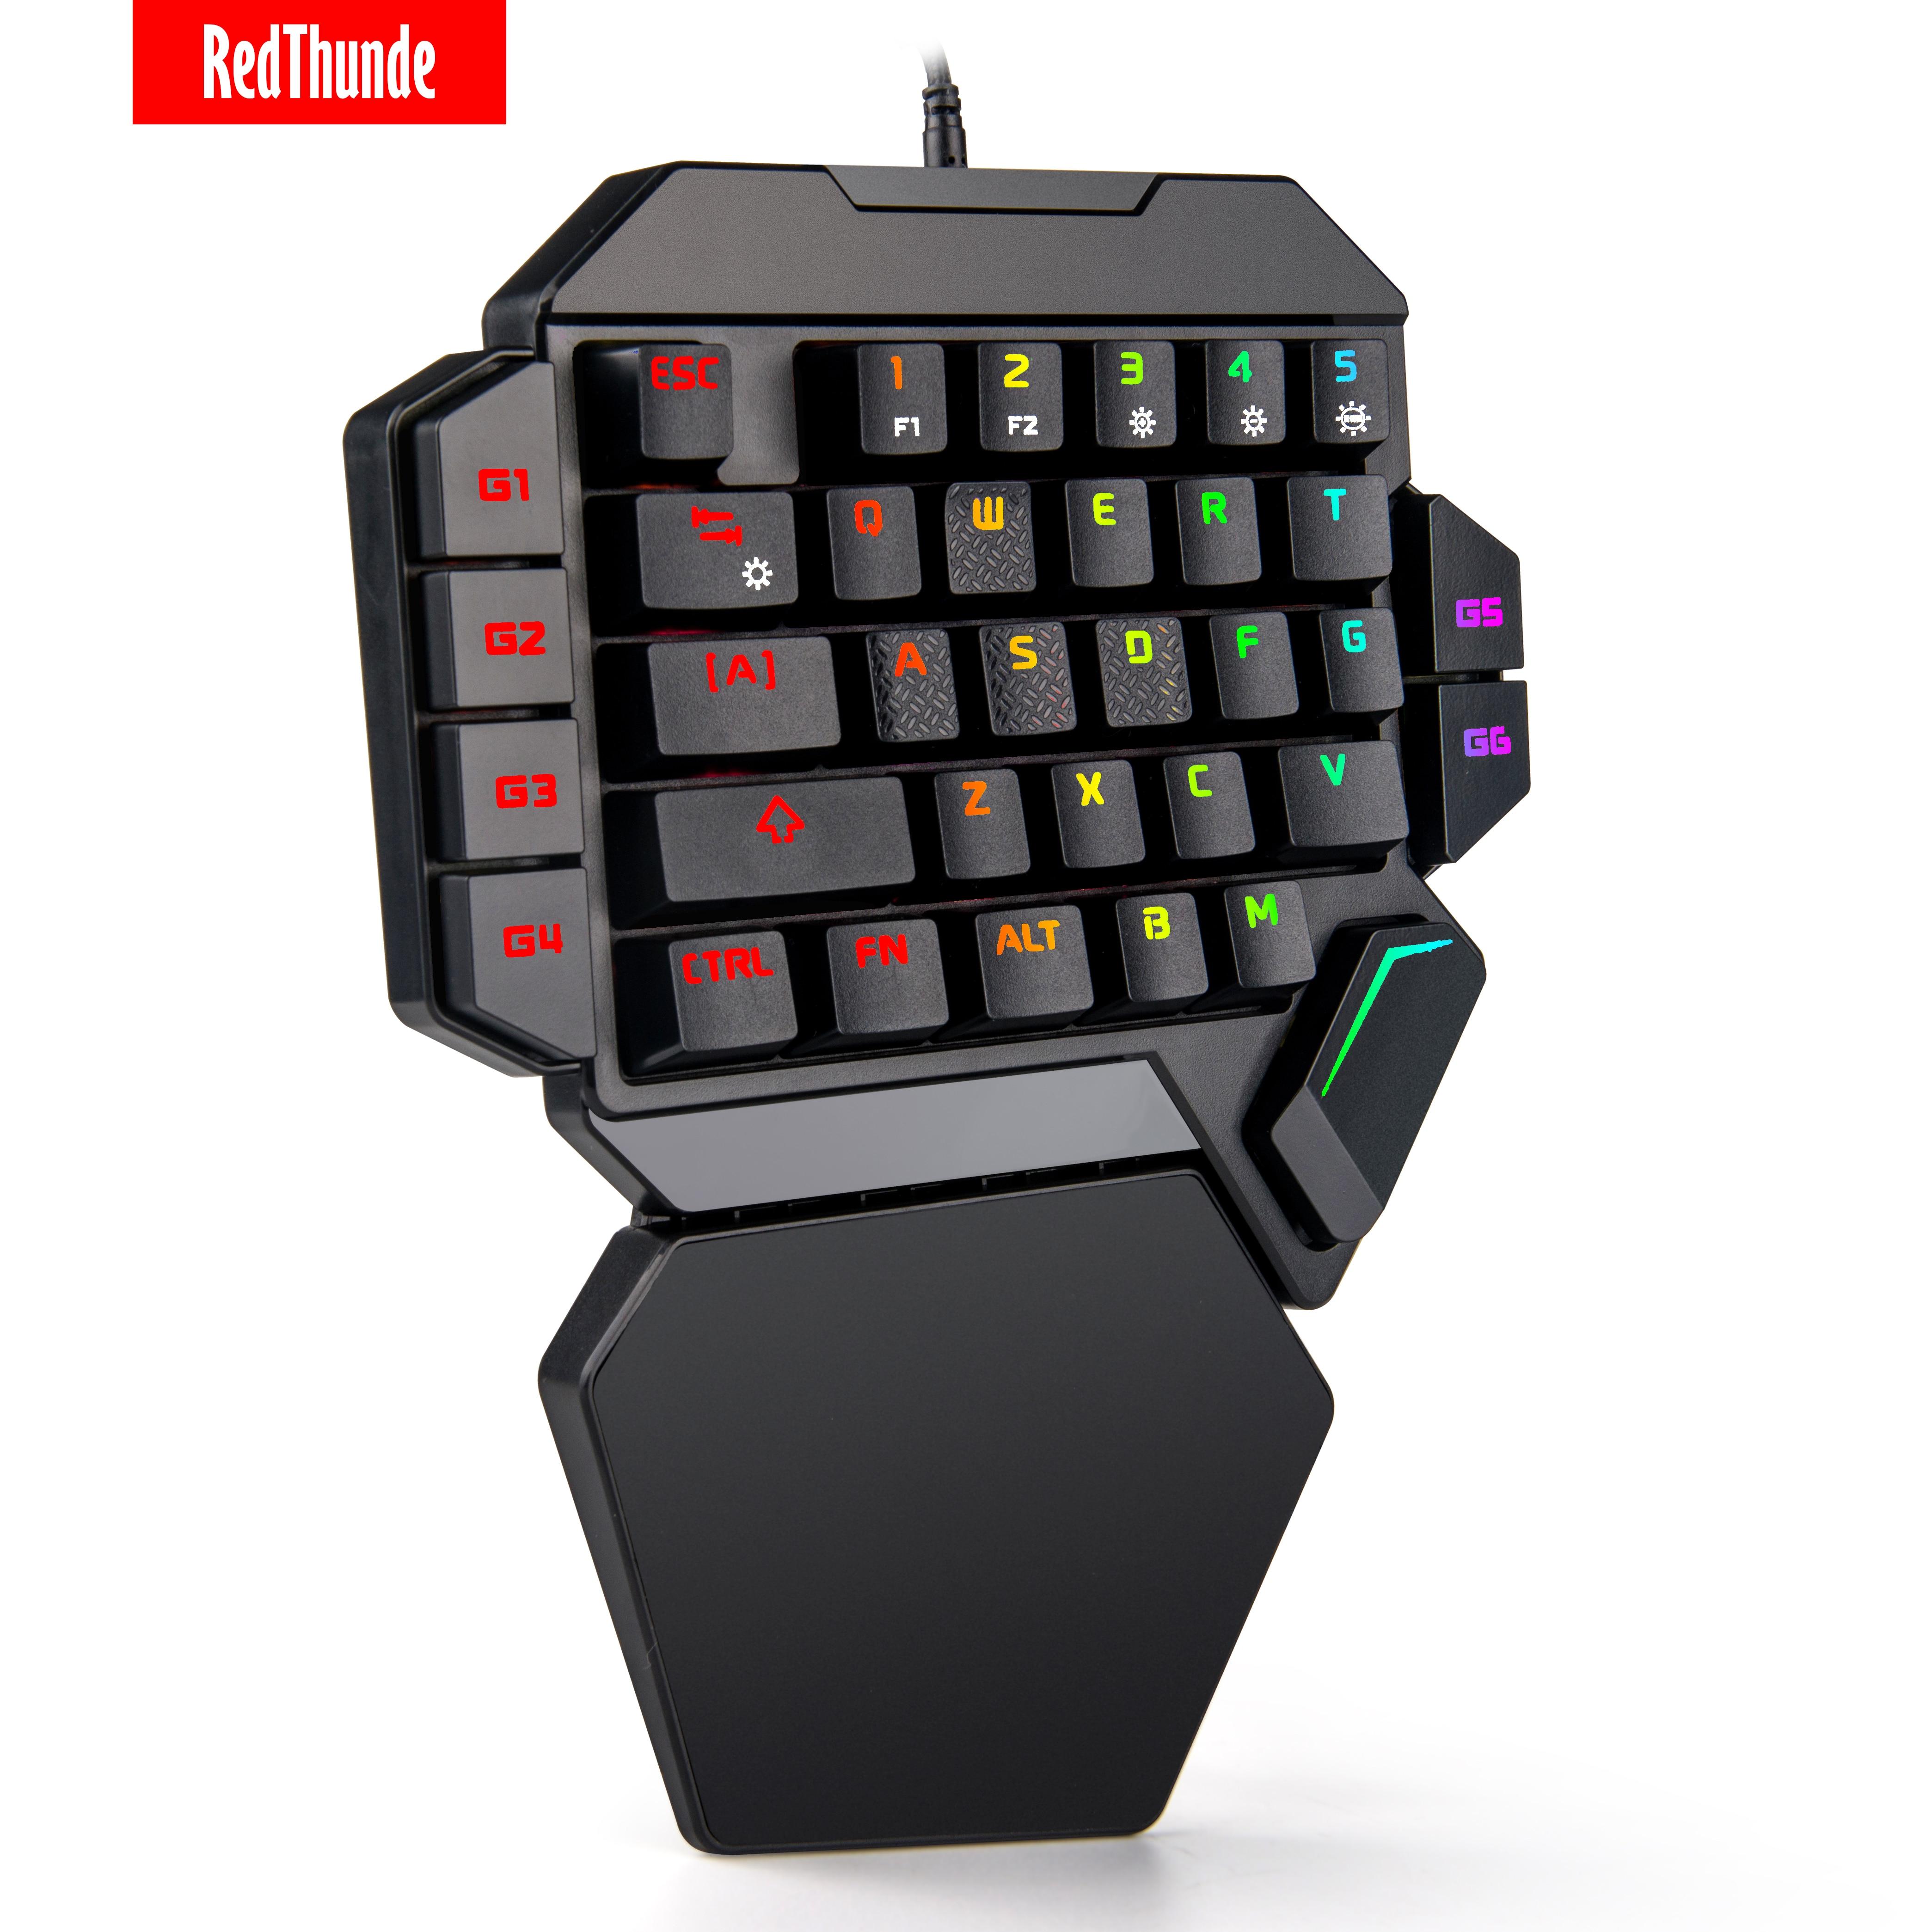 RedThunder-لوحة مفاتيح ميكانيكية صغيرة محمولة بيد واحدة ، 35 مفتاحًا ، تعمل مع PS4 ، Xbox One ، الكمبيوتر المحمول ، ألعاب الكمبيوتر